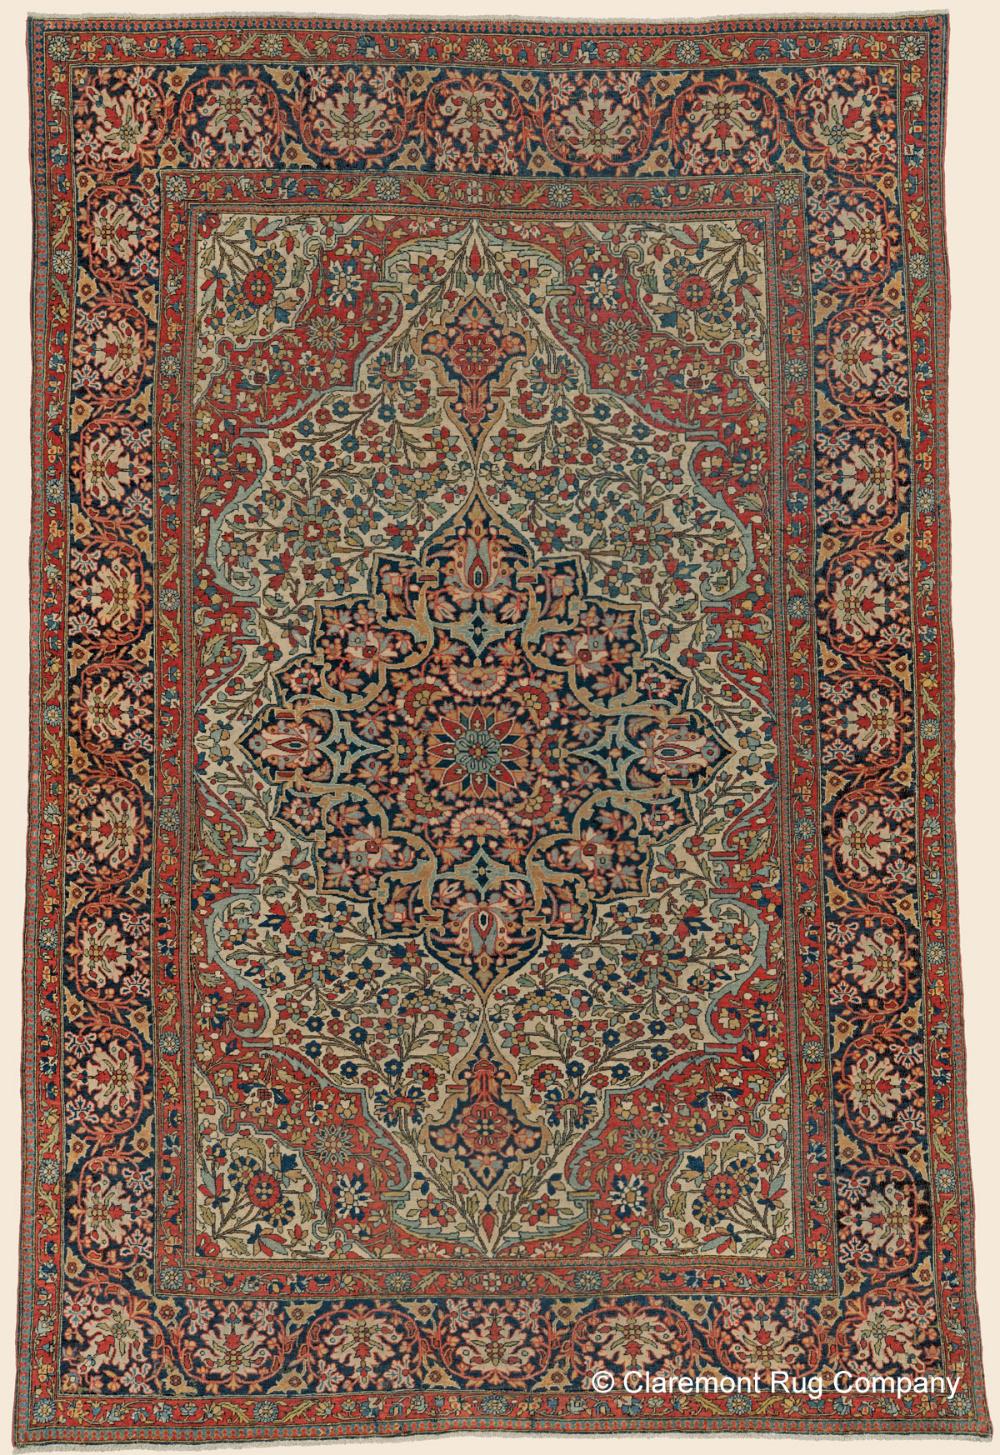 Antique Persian Mohtasham Kashan Area Size Antique Rug 4 6 X 6 7 3rd Quarter 19th Century In 2020 Claremont Rug Company Rug Company Antique Rugs